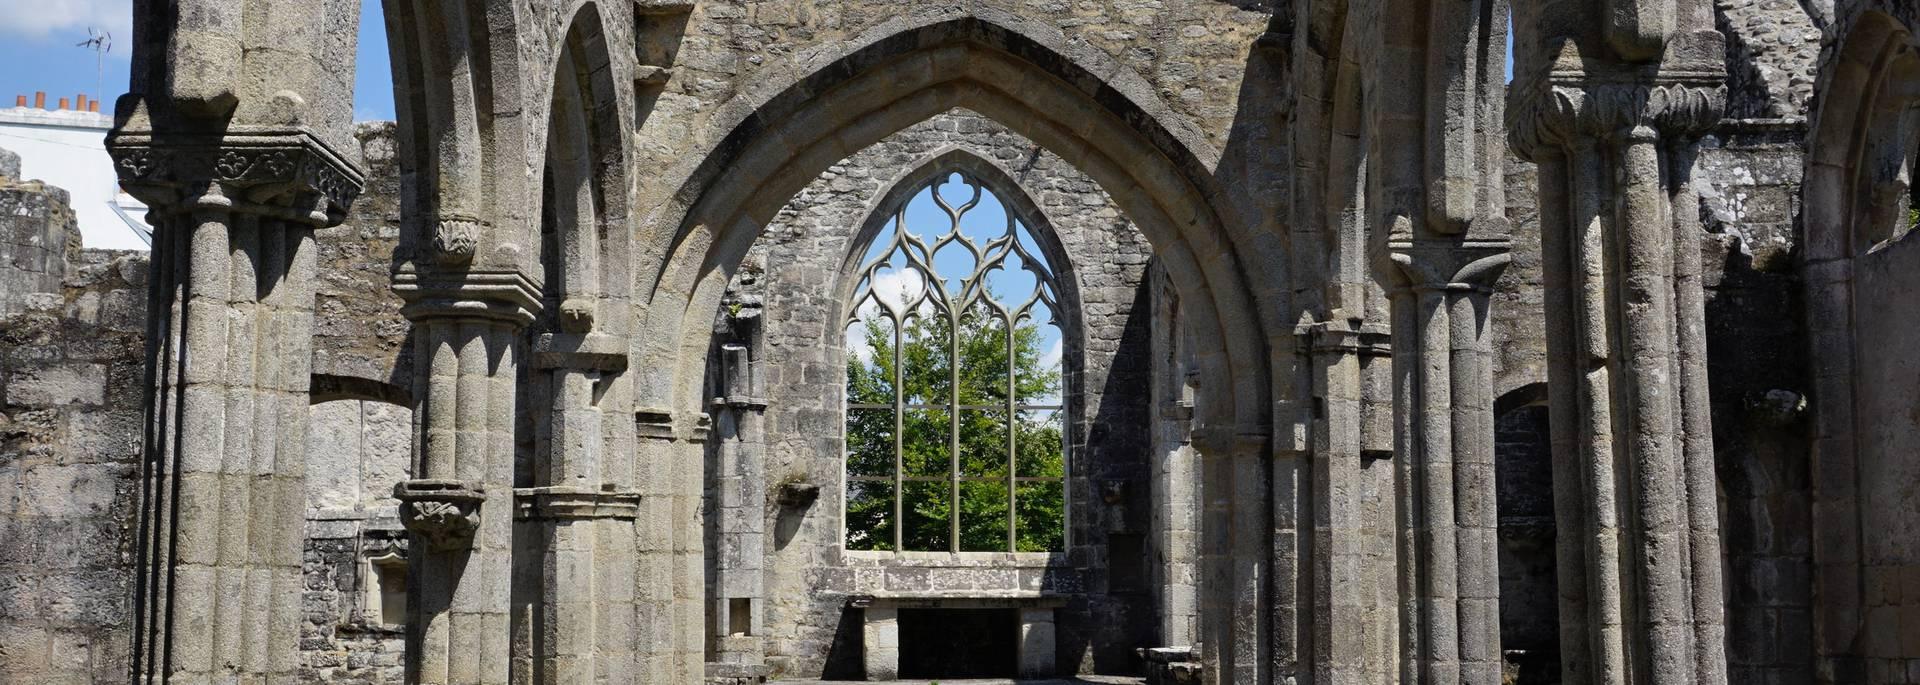 Église de Lambour - Pont-l'Abbé © OTPBS